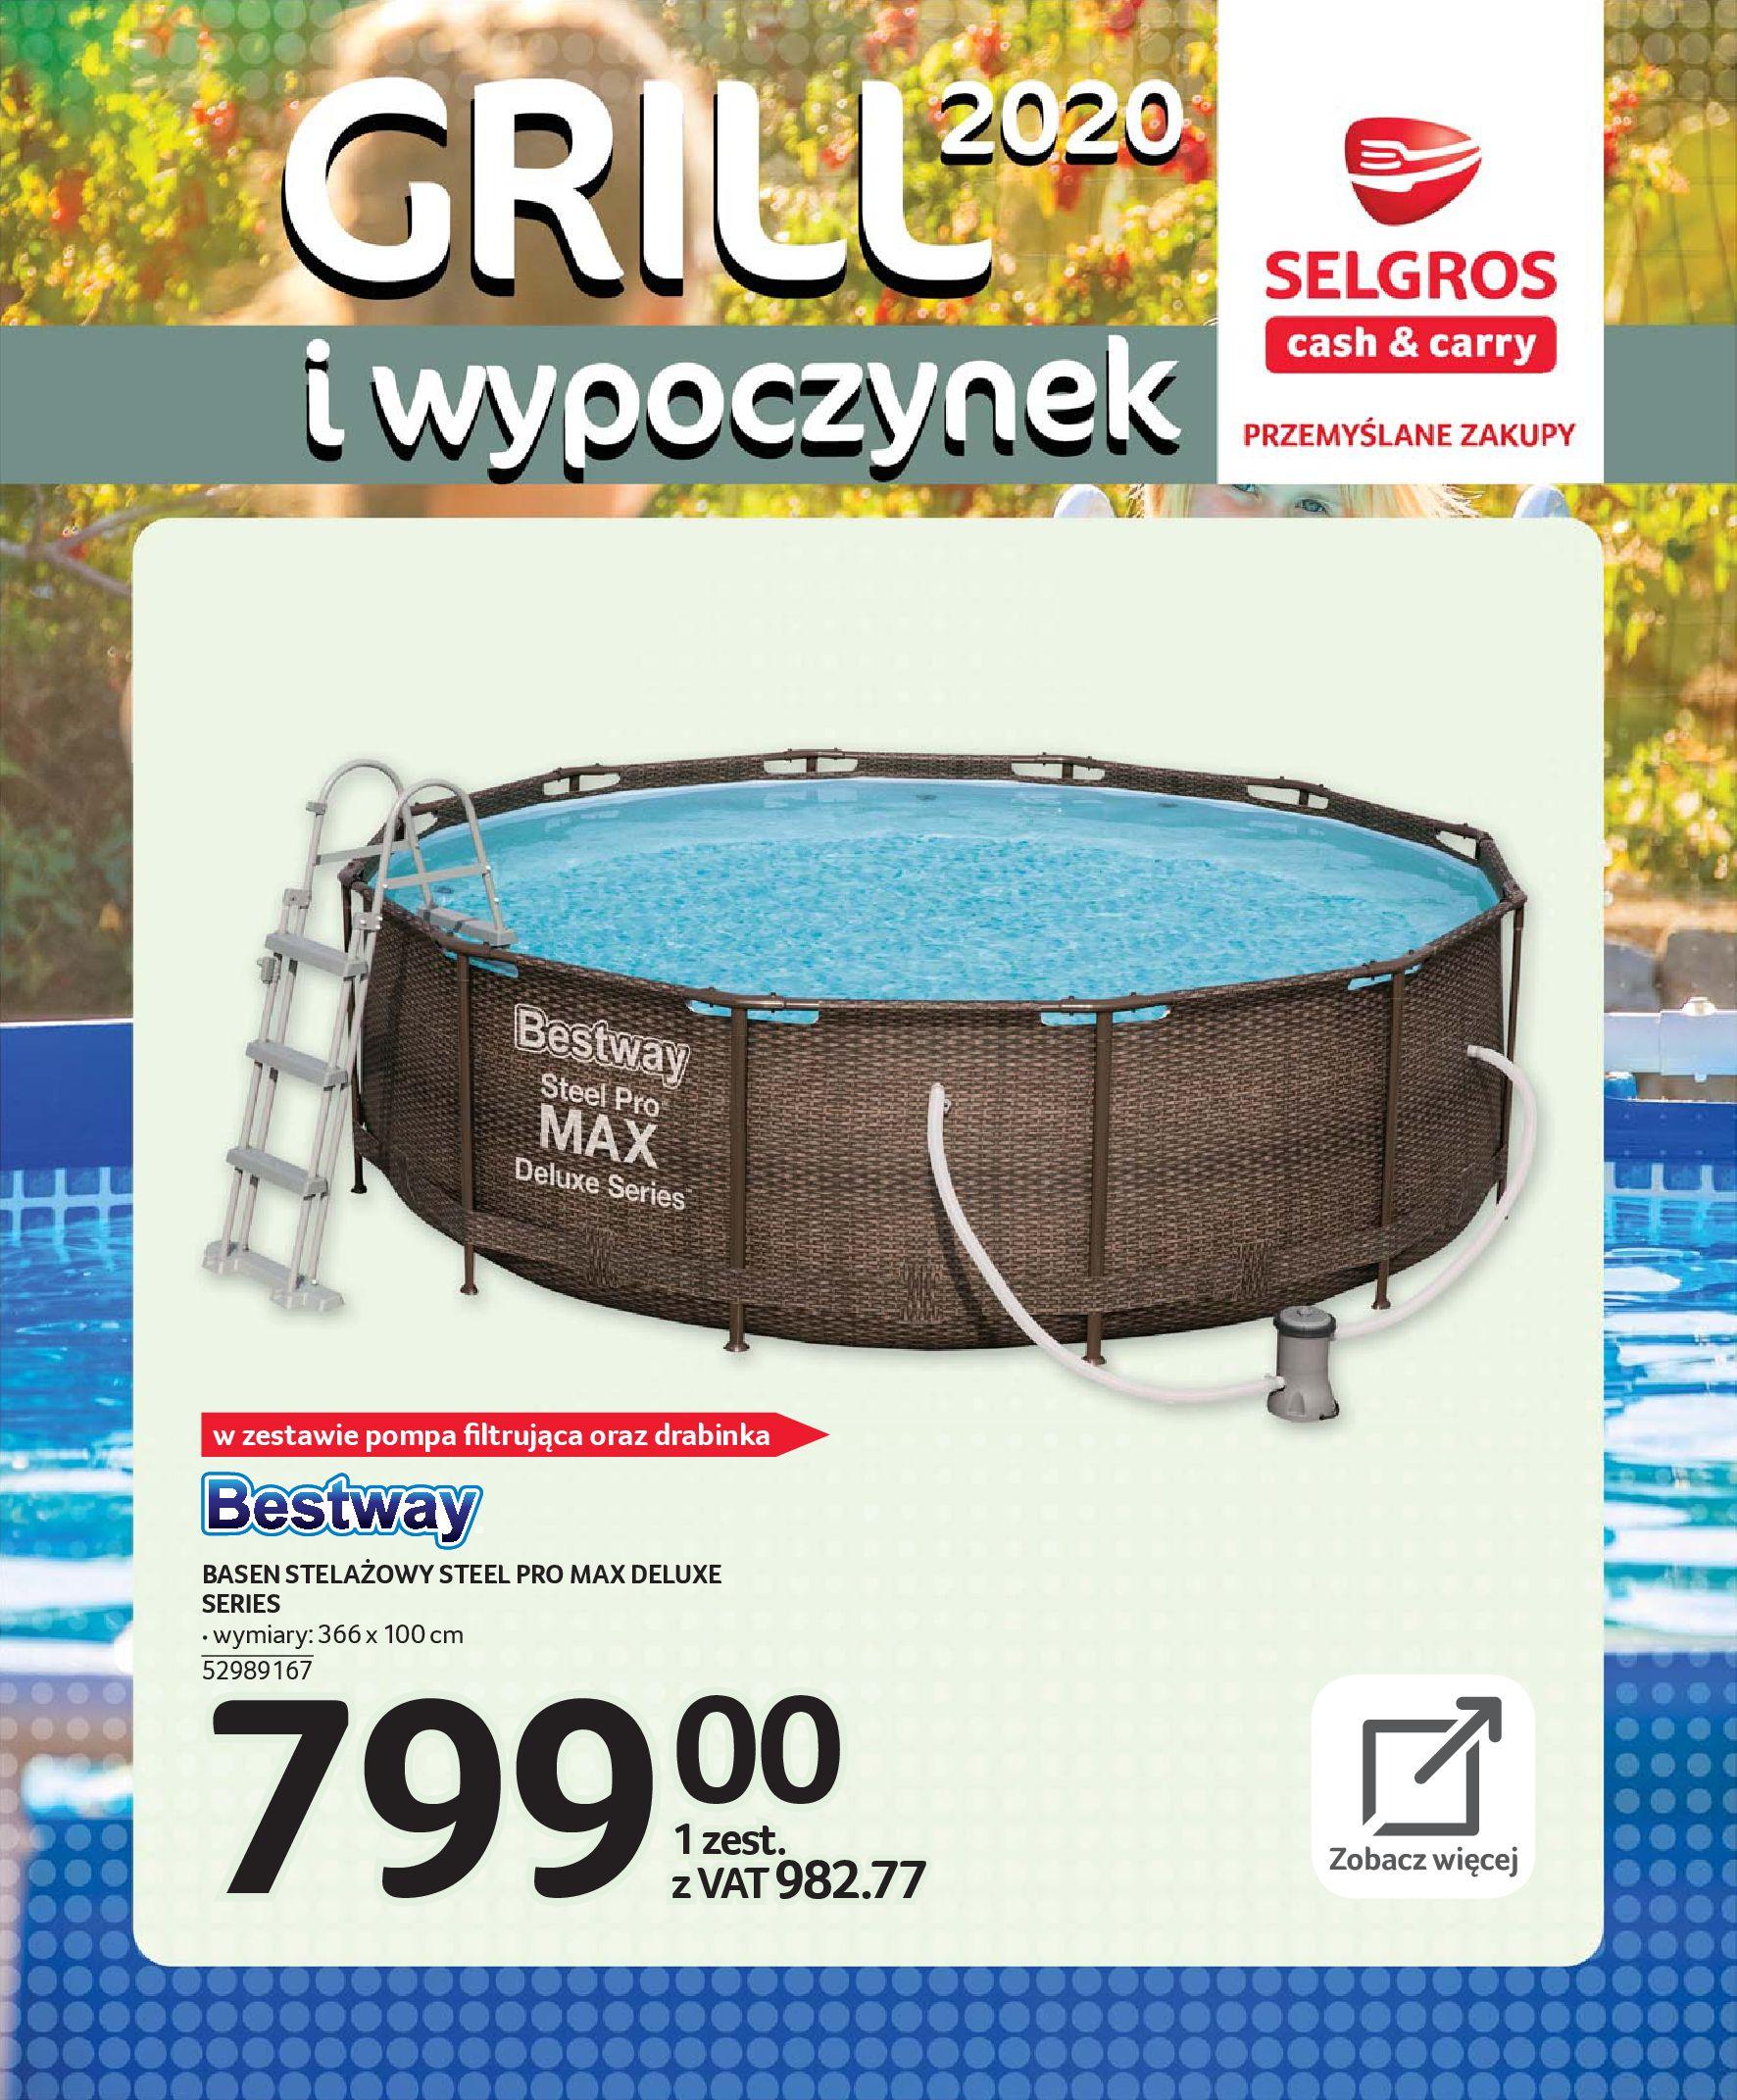 Gazetka Selgros - Katalog - Grill i wypoczynek-31.03.2020-31.08.2020-page-91